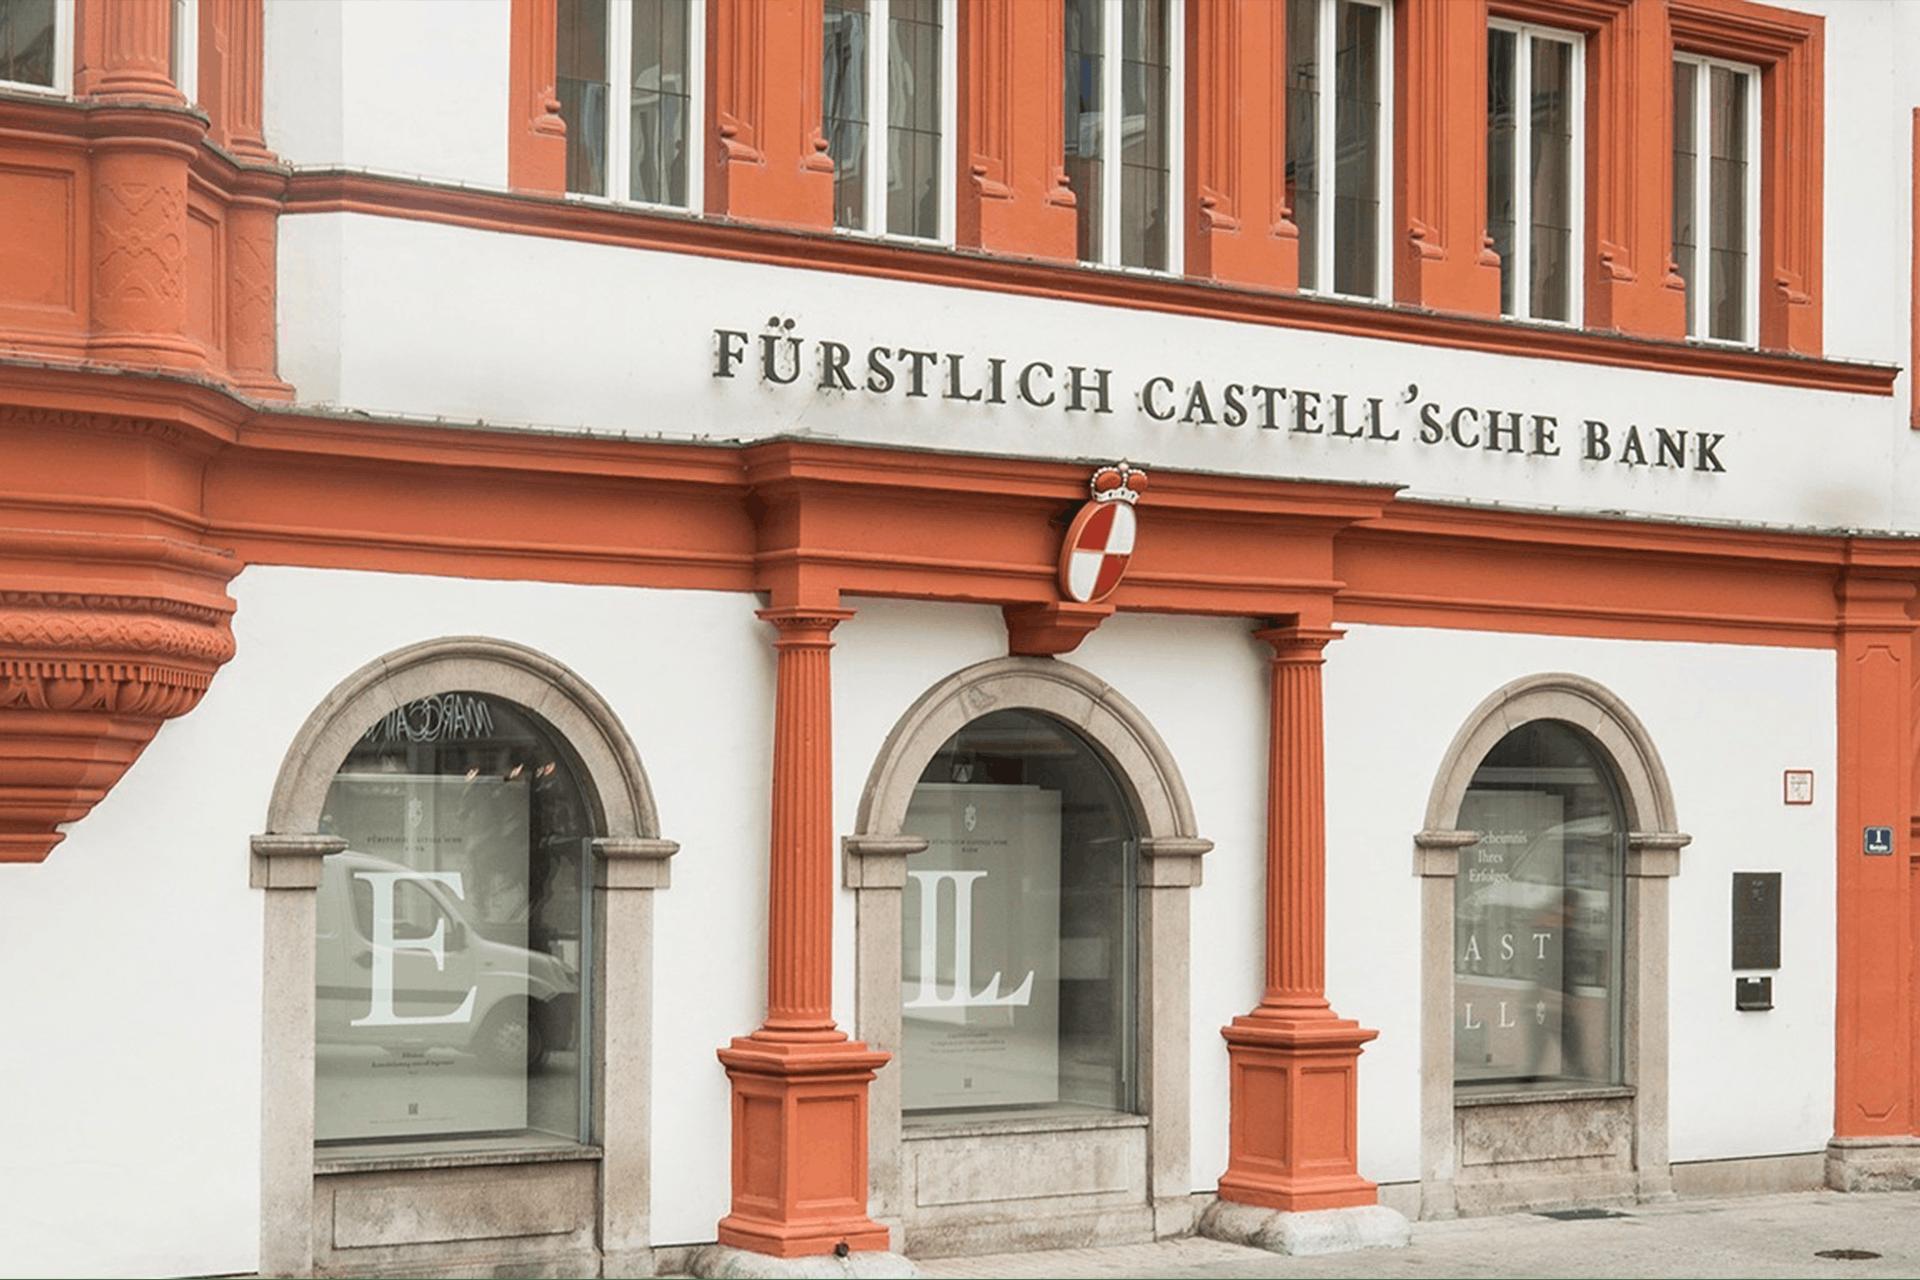 Foto Fürstlich Castell'sche Bank Filiale